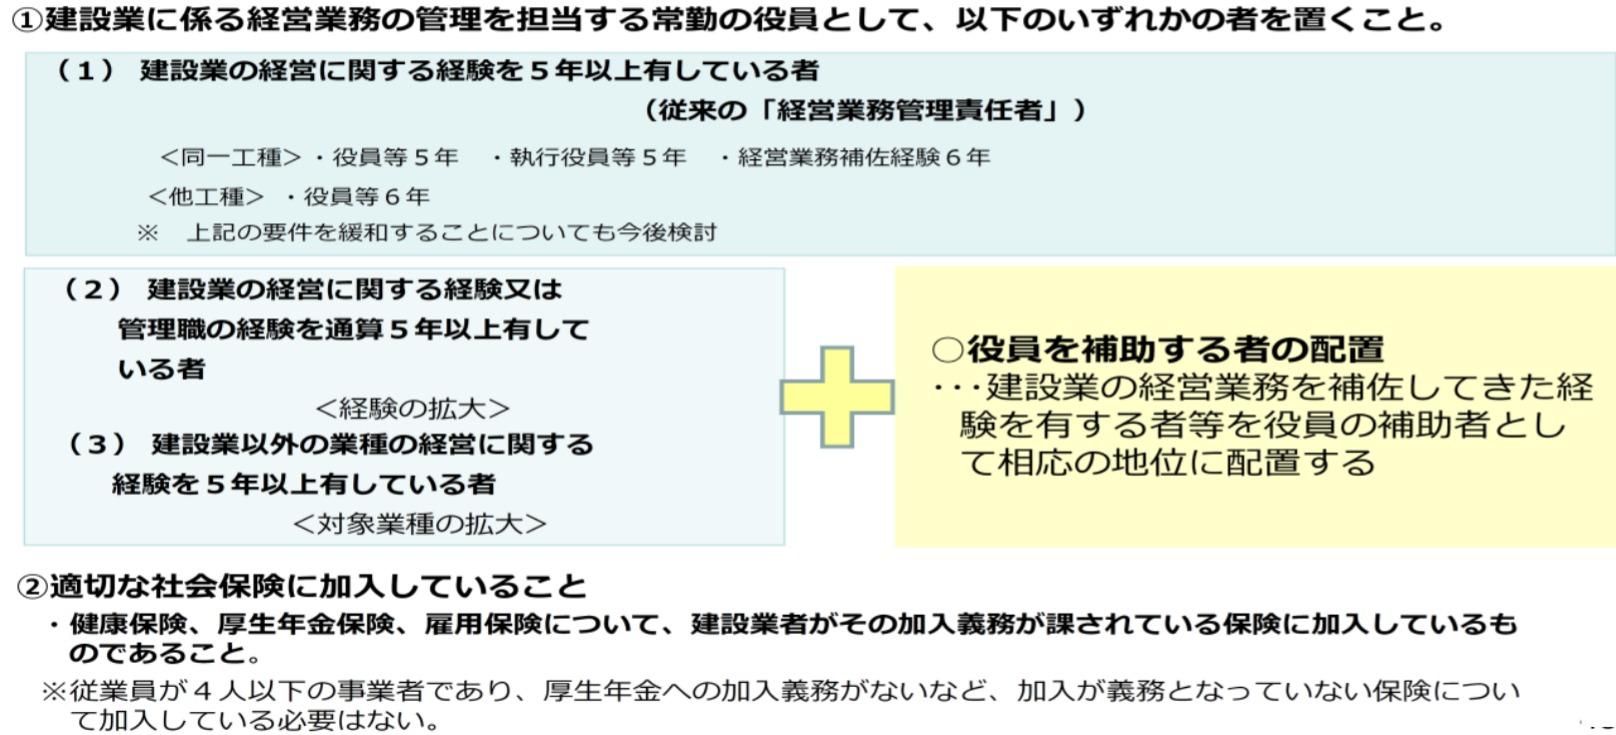 【大阪府】建設業許可通知書発送までの標準処理期間が約30日に戻りました